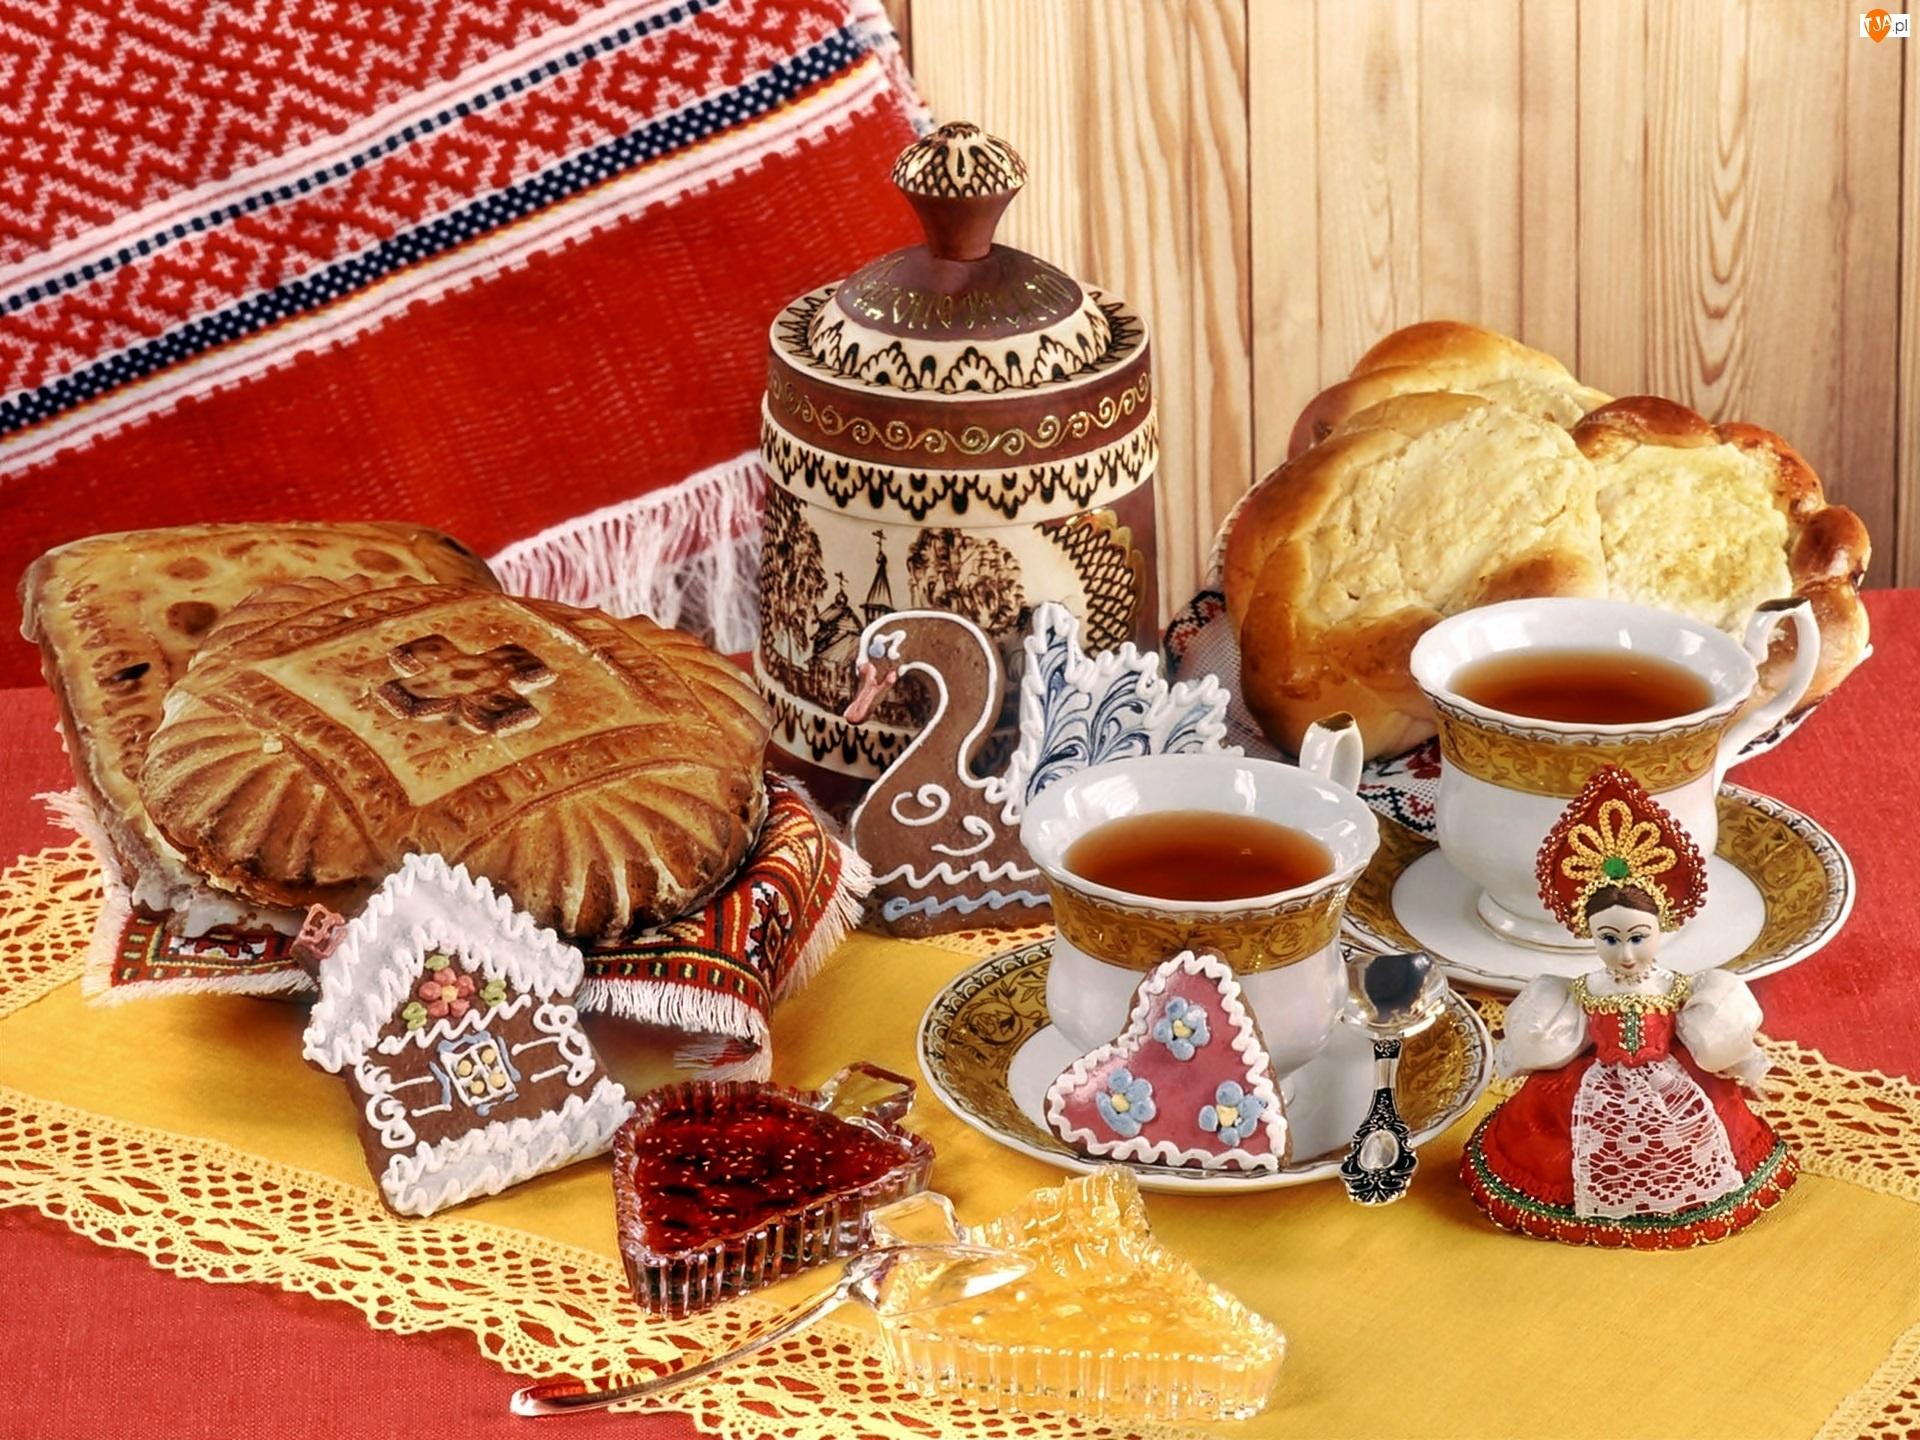 Drożdżówki, Pierniczki, Filiżanki, Konfitura, Herbata, Ciasteczka